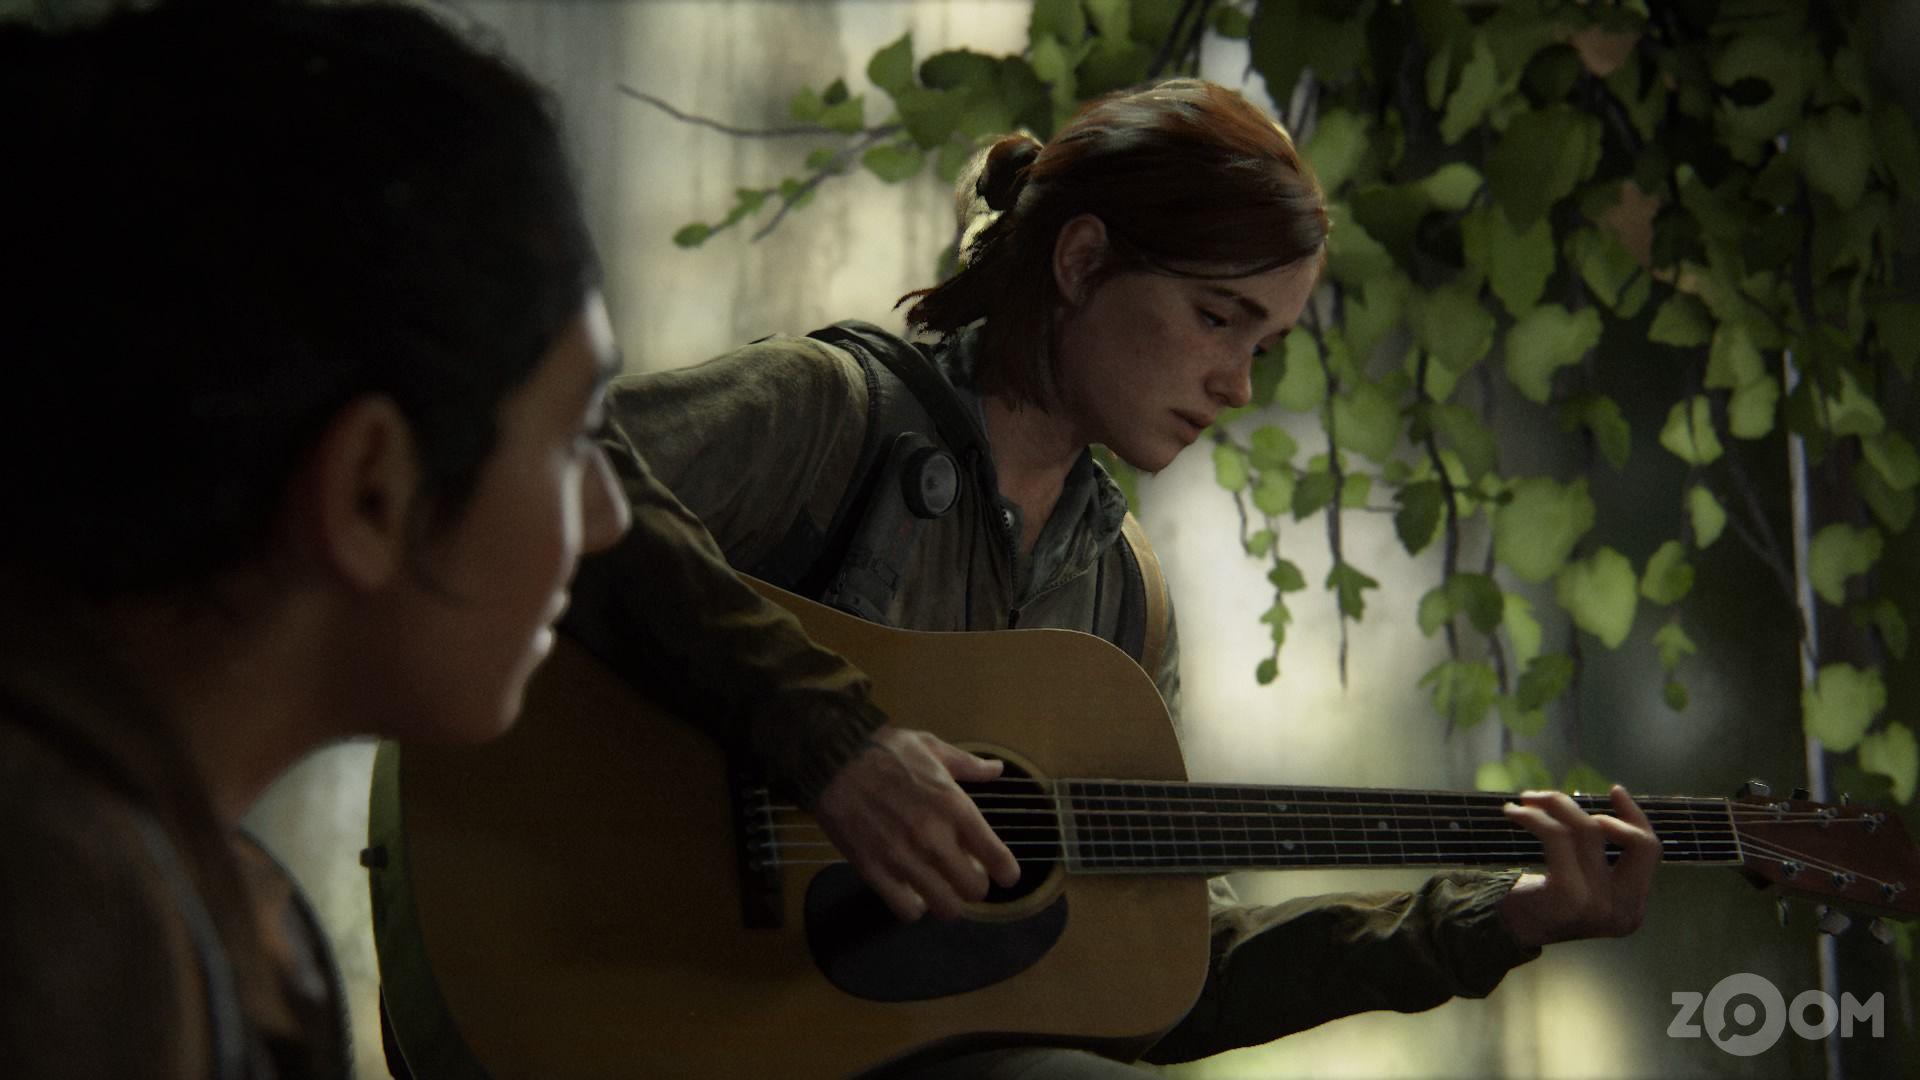 Ellie ainda é uma adolescente com personalidade forte em The Last of Us Parte 2. (Foto: Murilo Tunholi/Zoom)